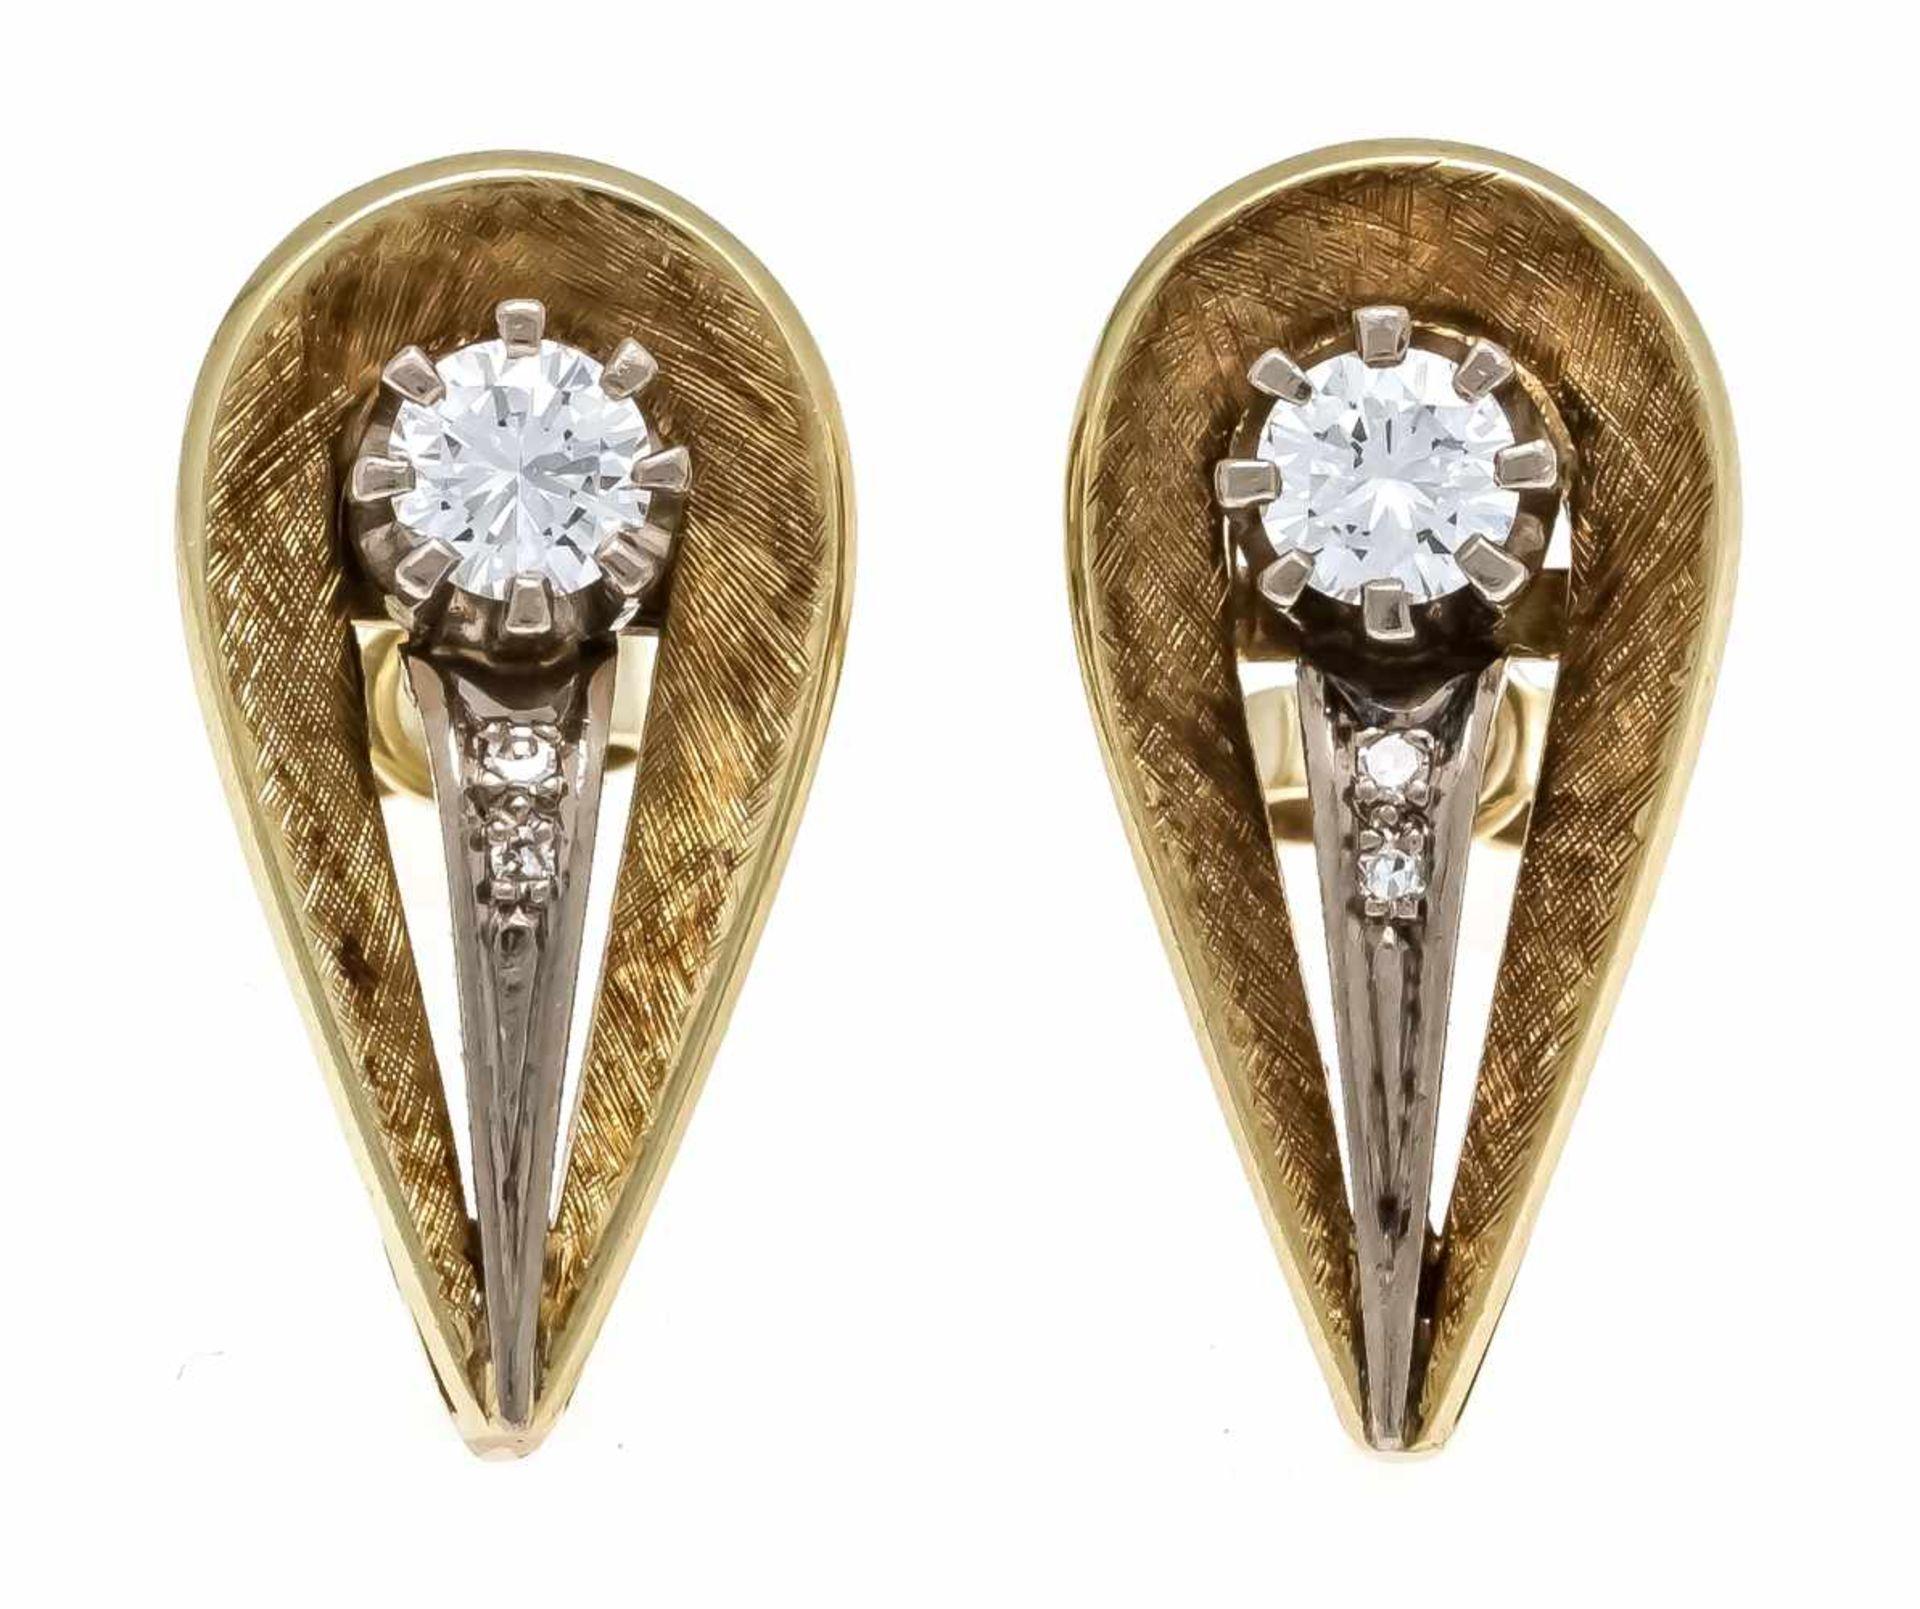 Brillant-Ohrstecker GG/WG 585/000 mit 2 Brillanten und 4 Diamanten, zus. 0,52 ct TW/VS, L. 21 mm,